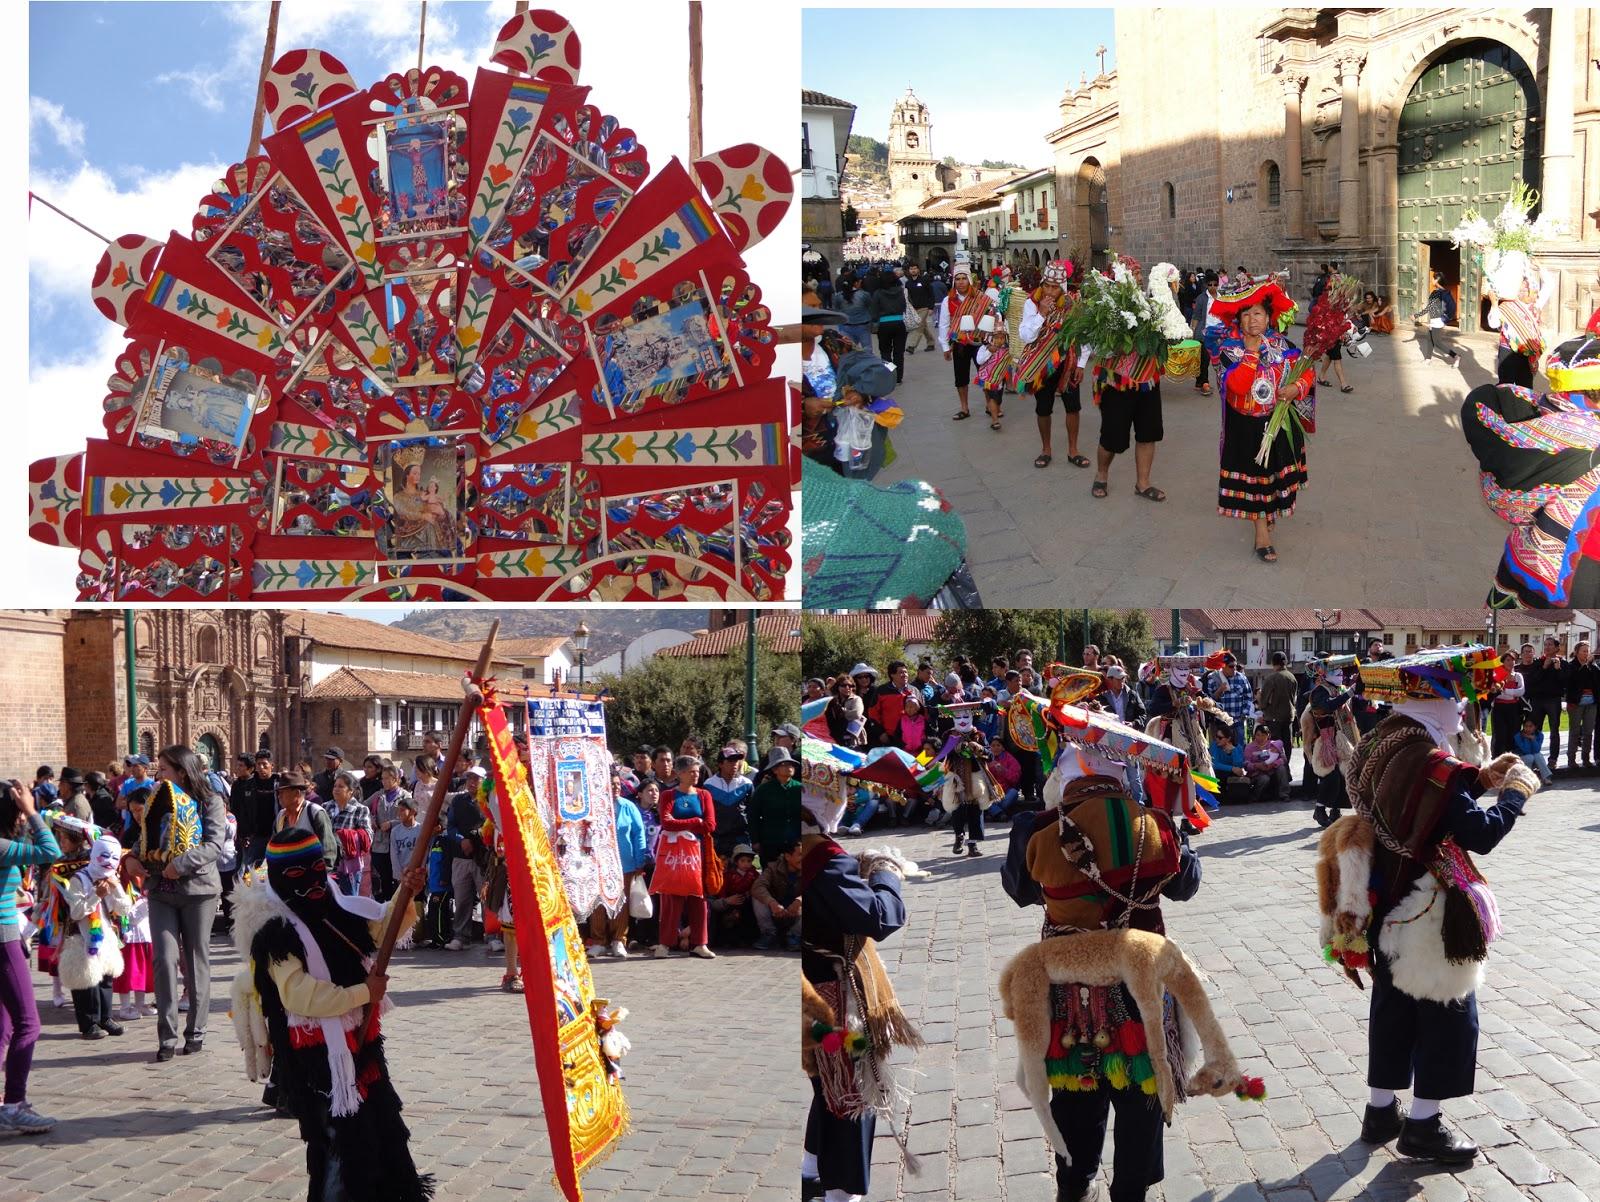 """FESTA EM CUSCO """"VIRGEN NATIVIDAD DE ALMUDENA"""" - Cusco,  Peru"""